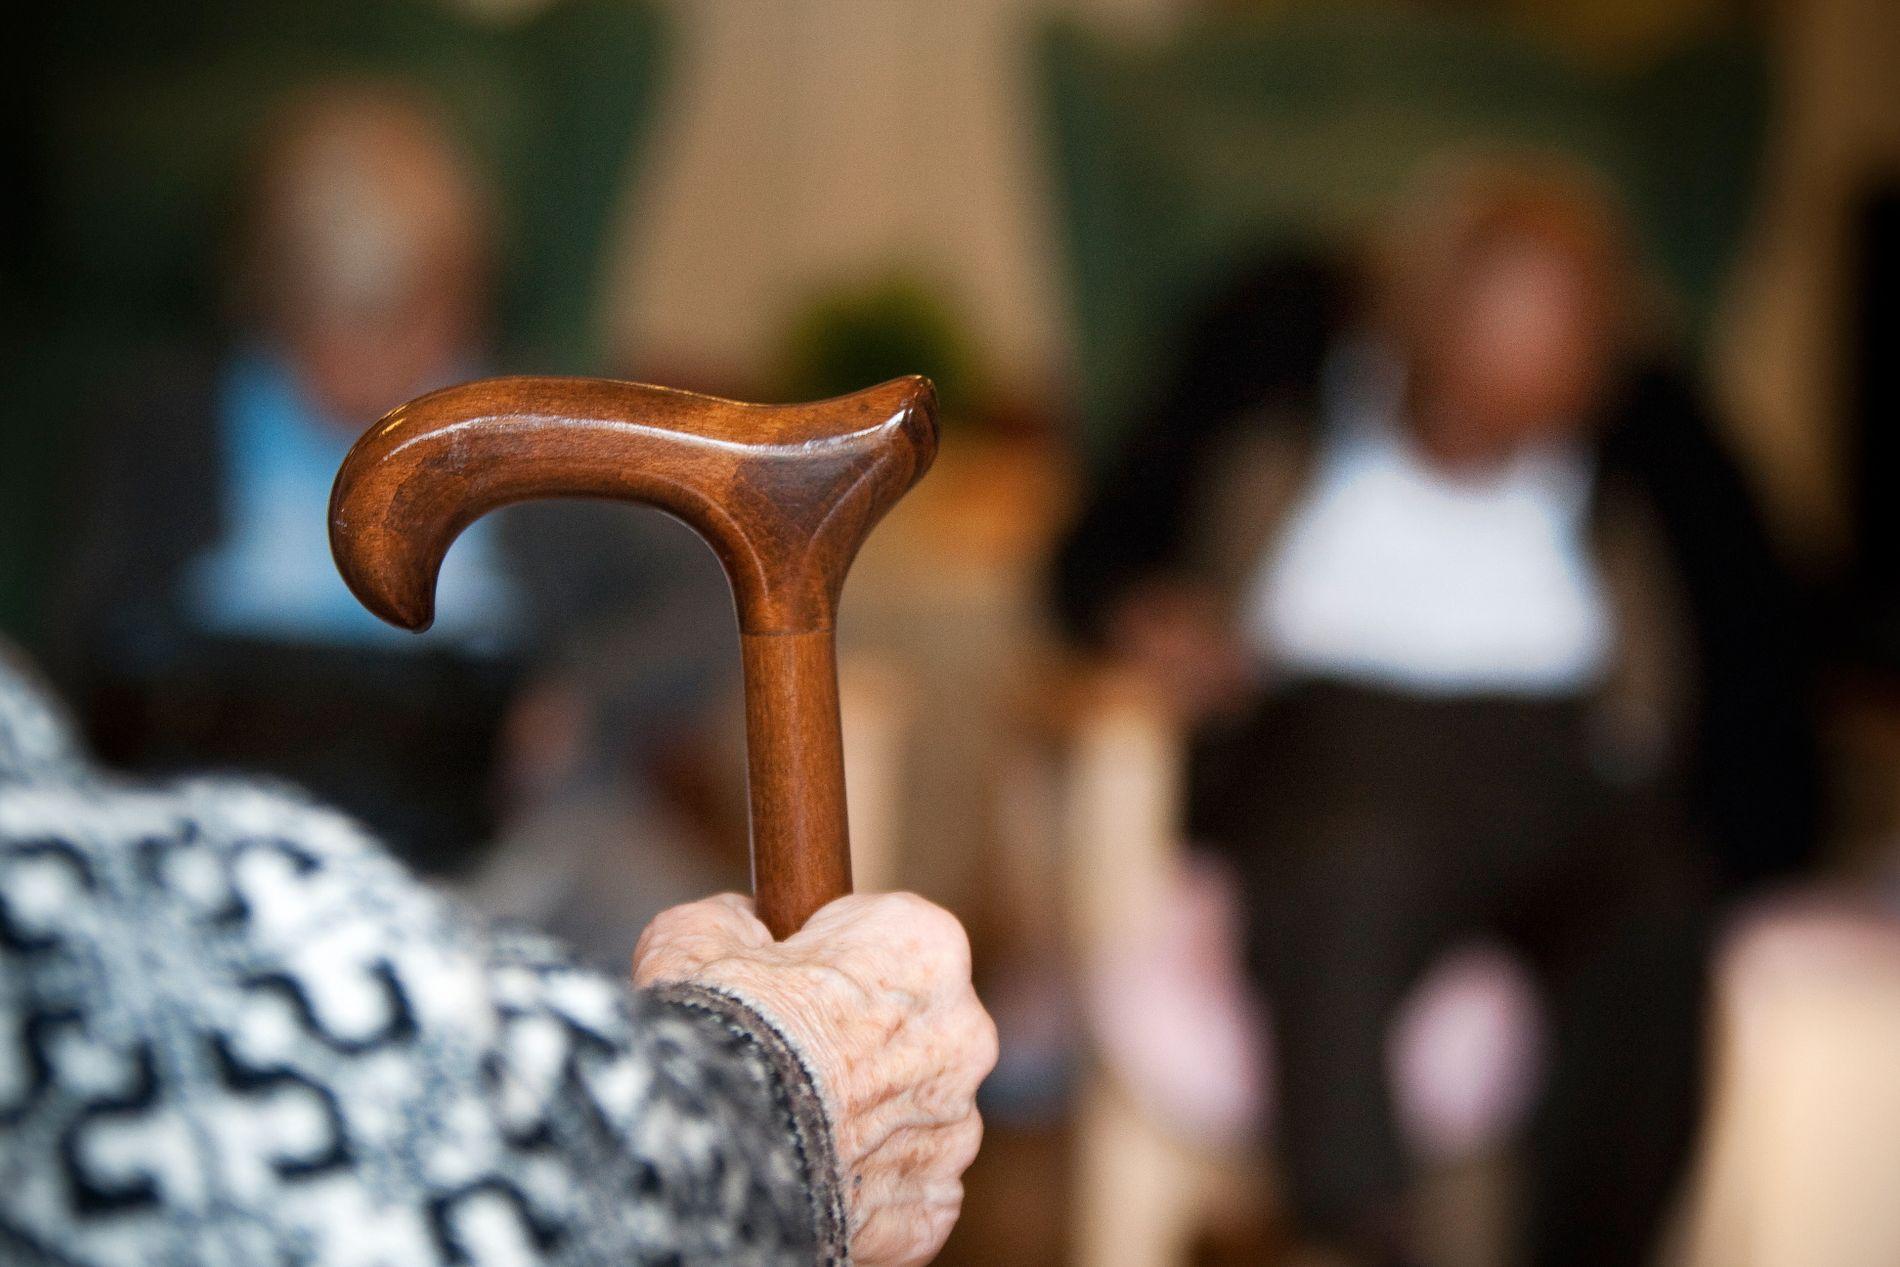 MÅ BLI BEDRE:  Antall eldre over 90 år øker med 20 prosent de nærmeste fire årene. Vi må gjøre mer for å jobbe smartere, skriver byråd Vigdis Anita Gåskjenn (KrF).